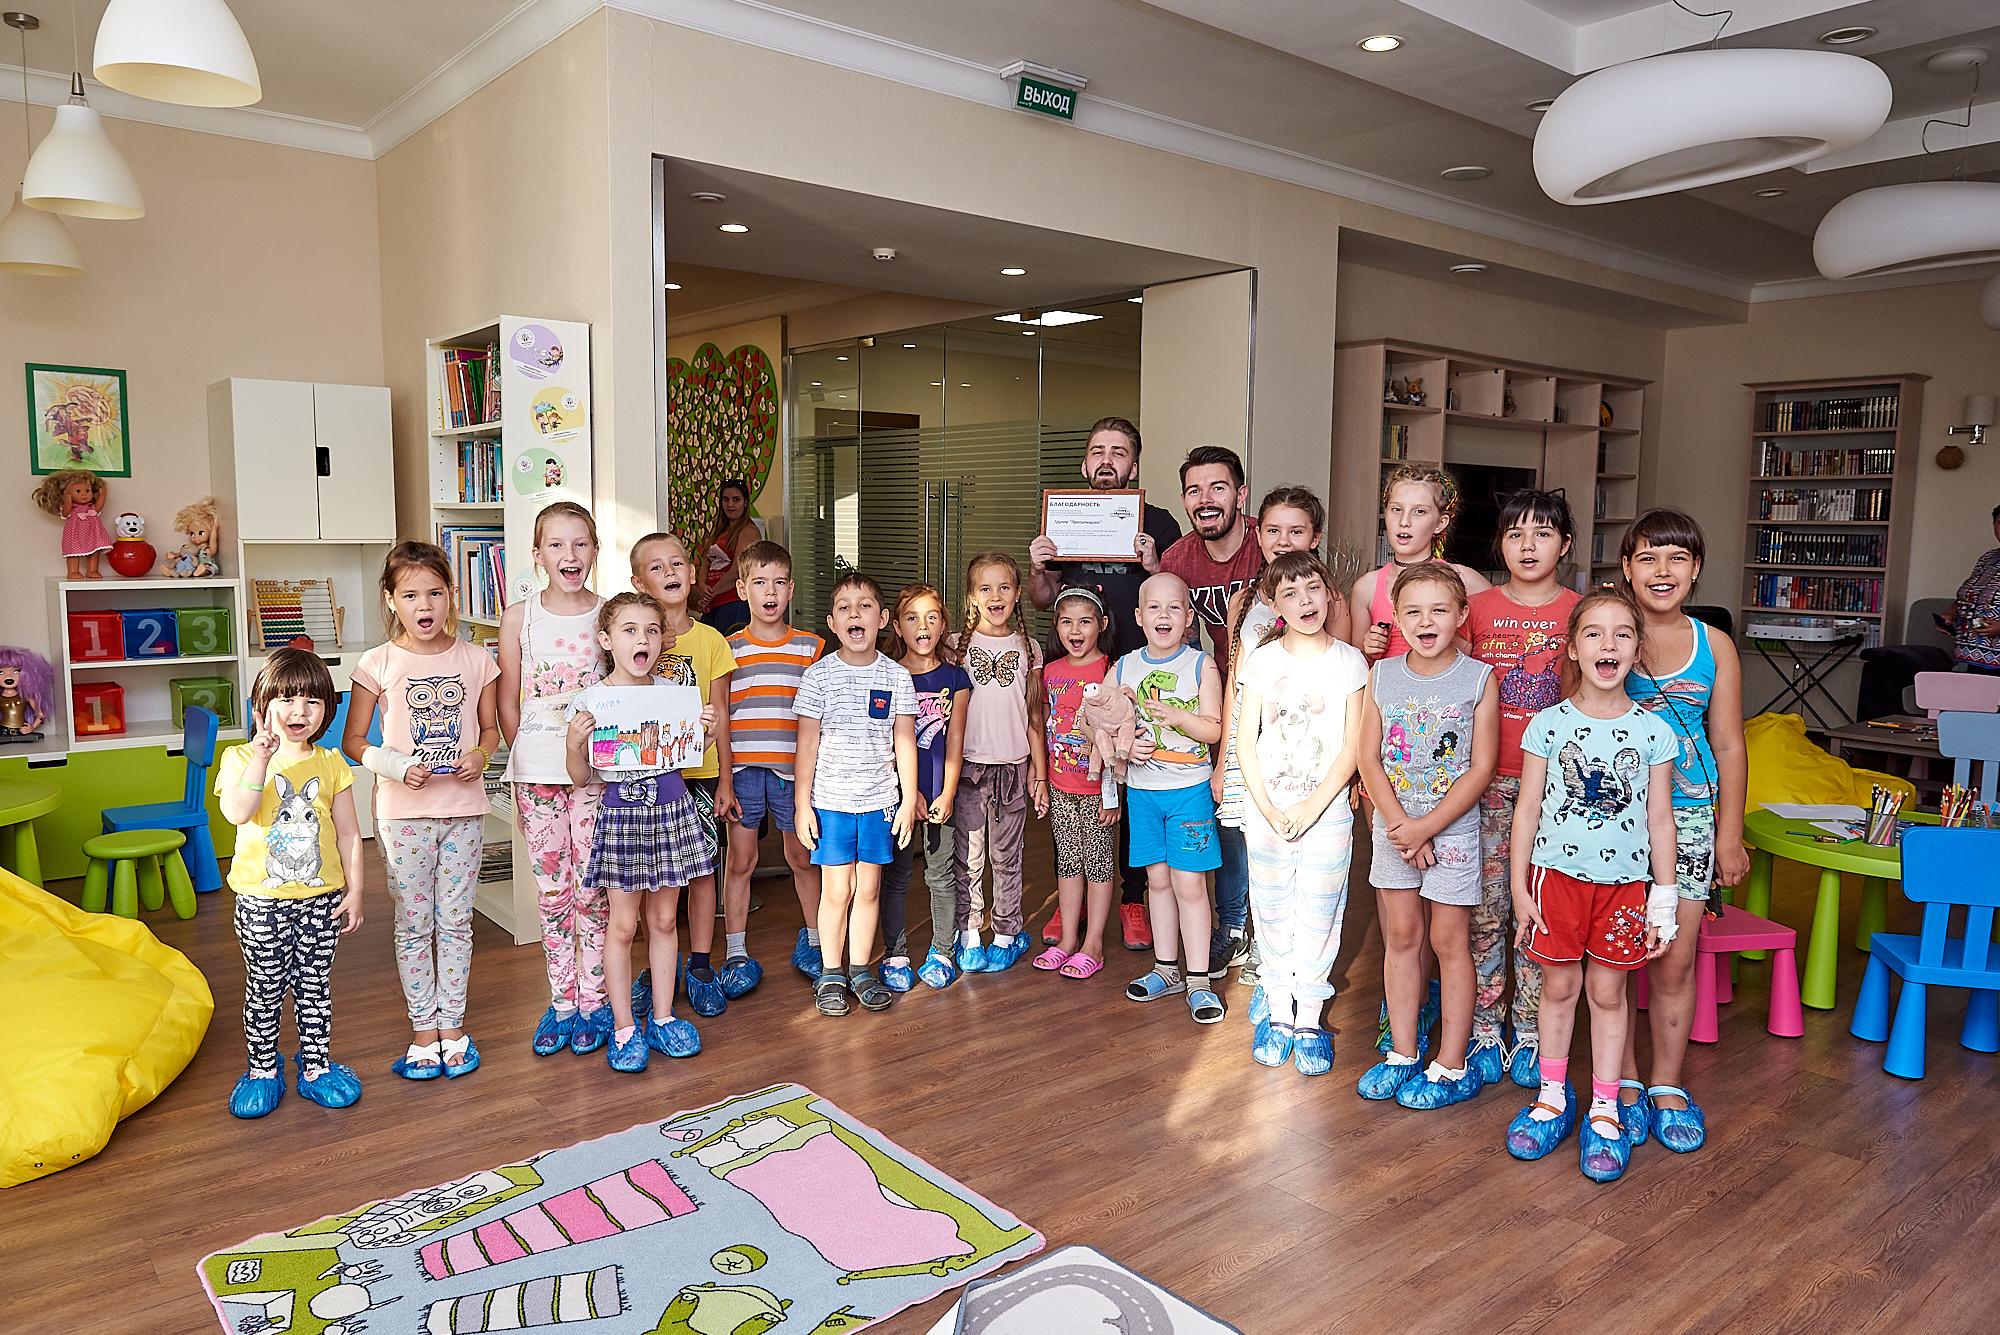 «Прогульщики» читают «Волшебную книгу сказок»  в «Доме Роналда Макдоналда» (ФОТО)